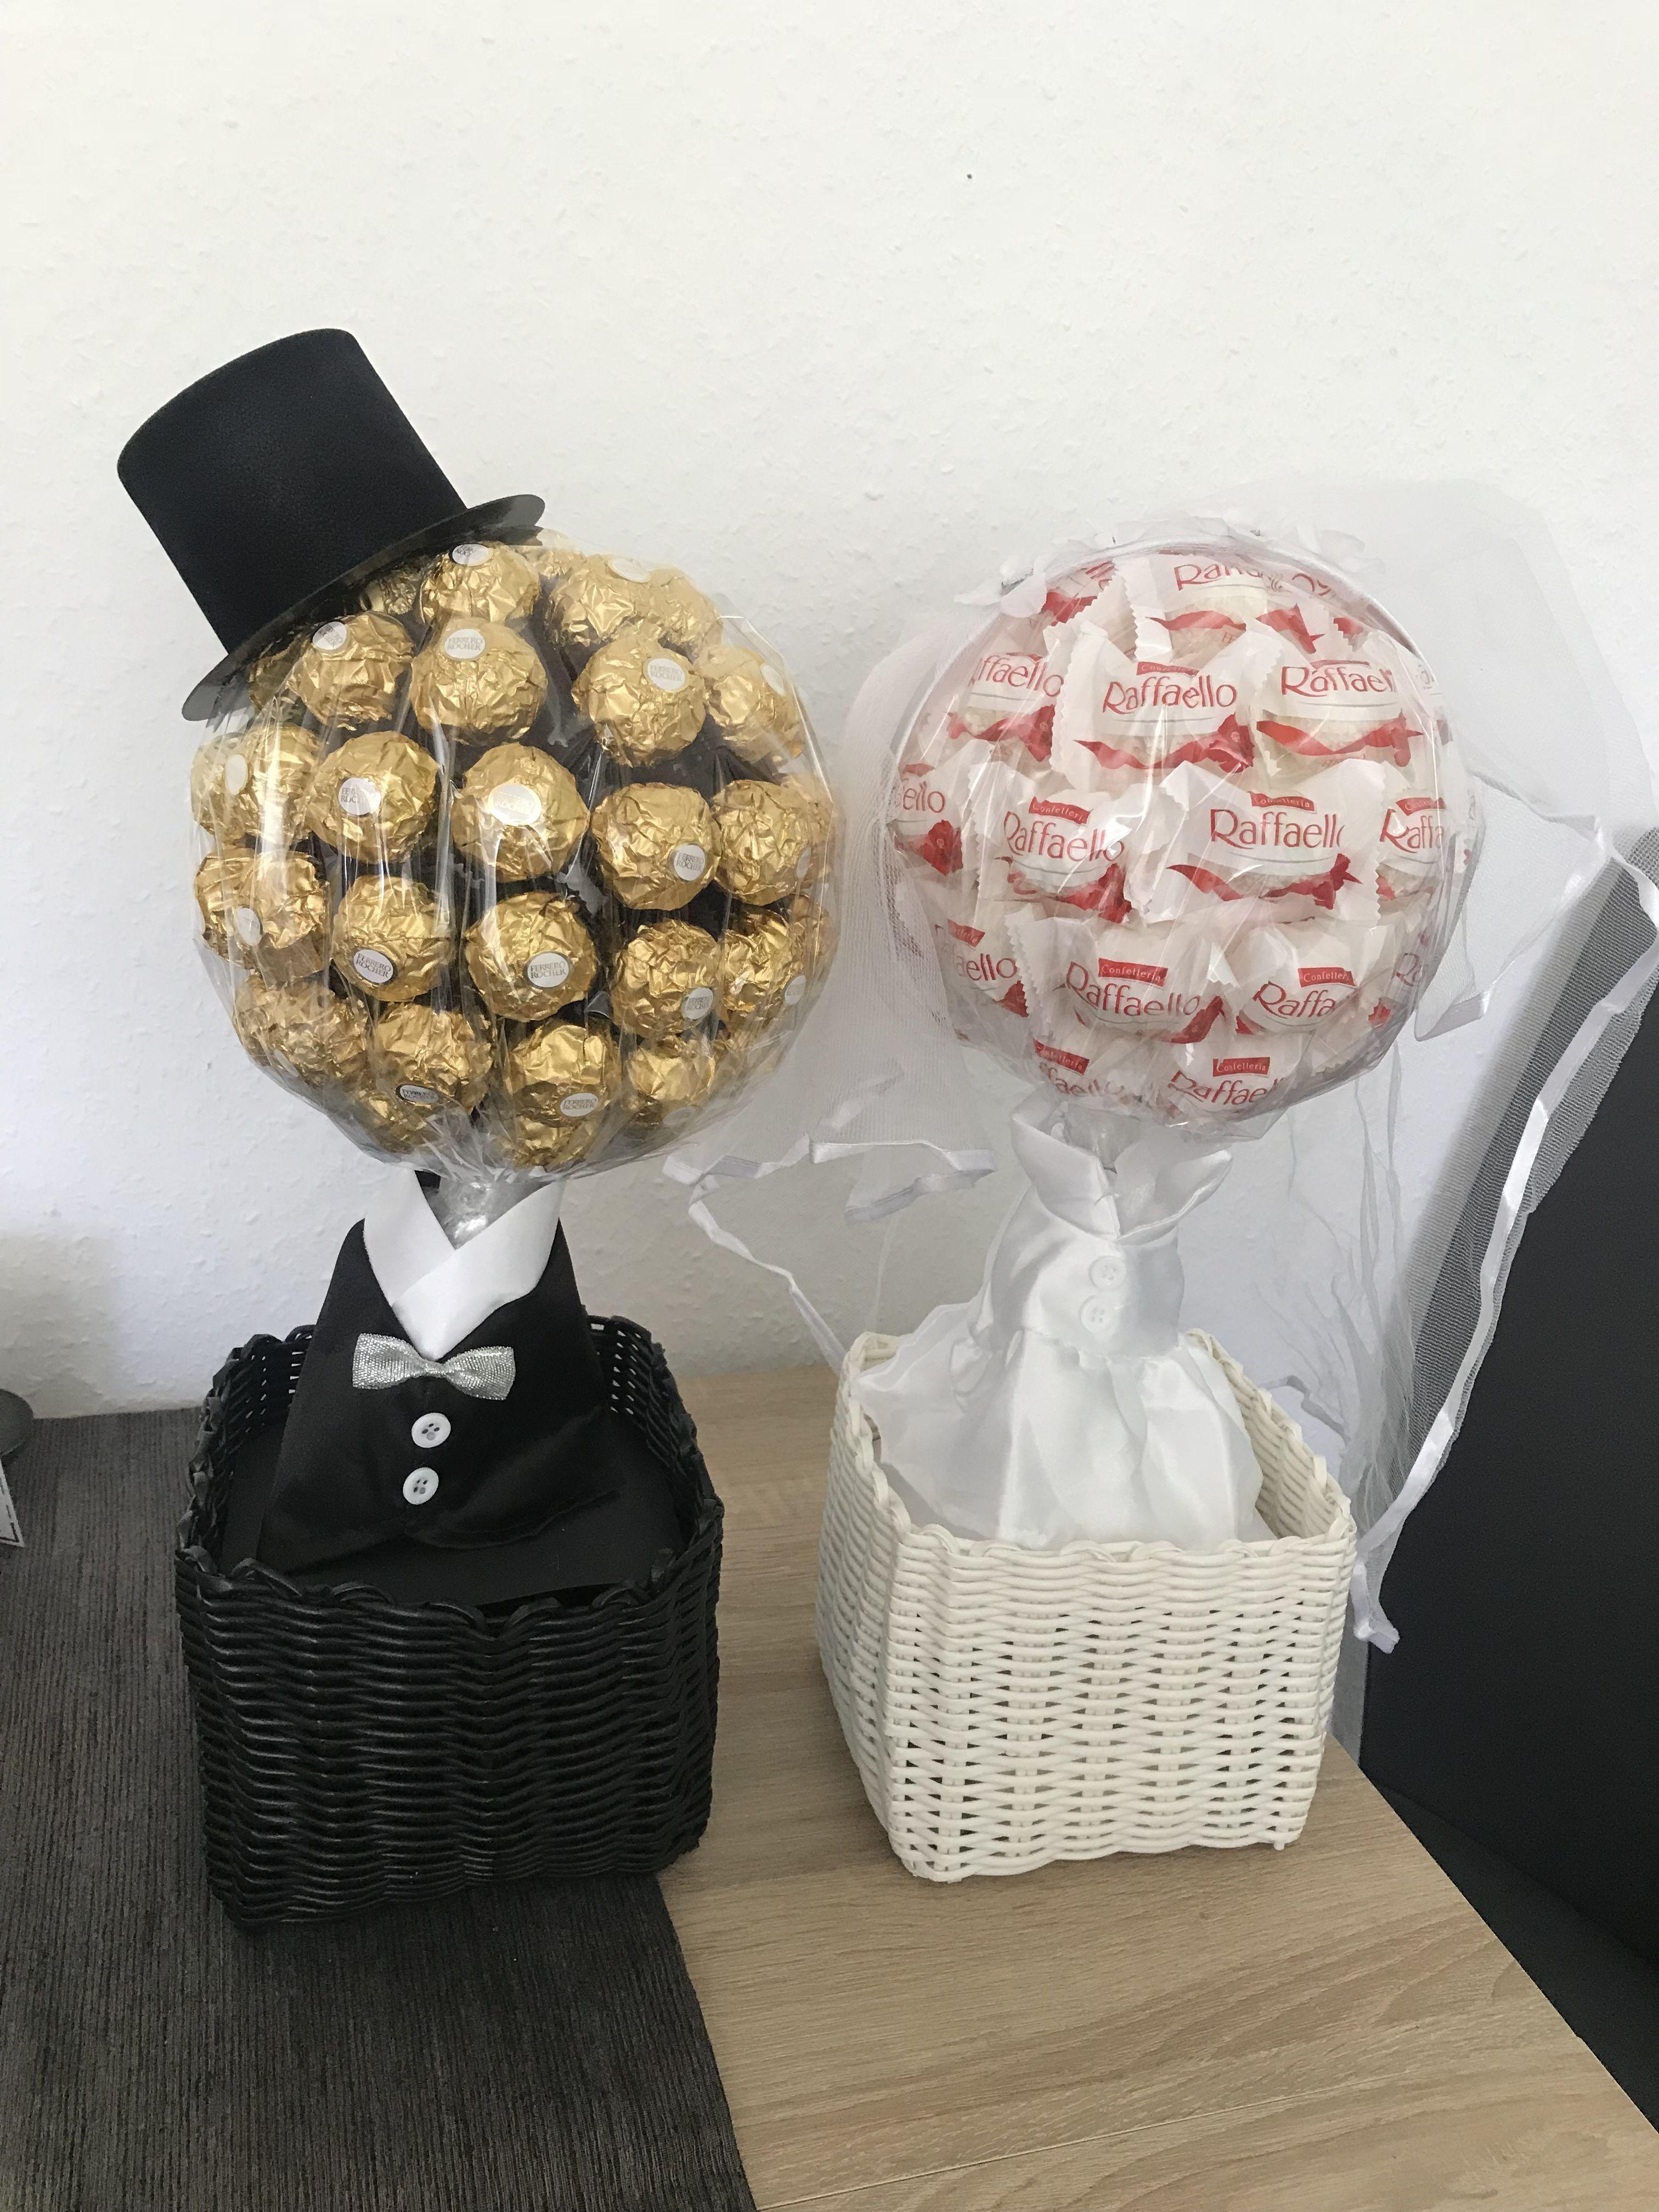 Hochzeits Geschenk Hochzeitsgeschenk Braut Brautigam Rocher Raffaello In 2020 Romantic Wedding Cake Wedding Gifts For Bride Wedding Gifts